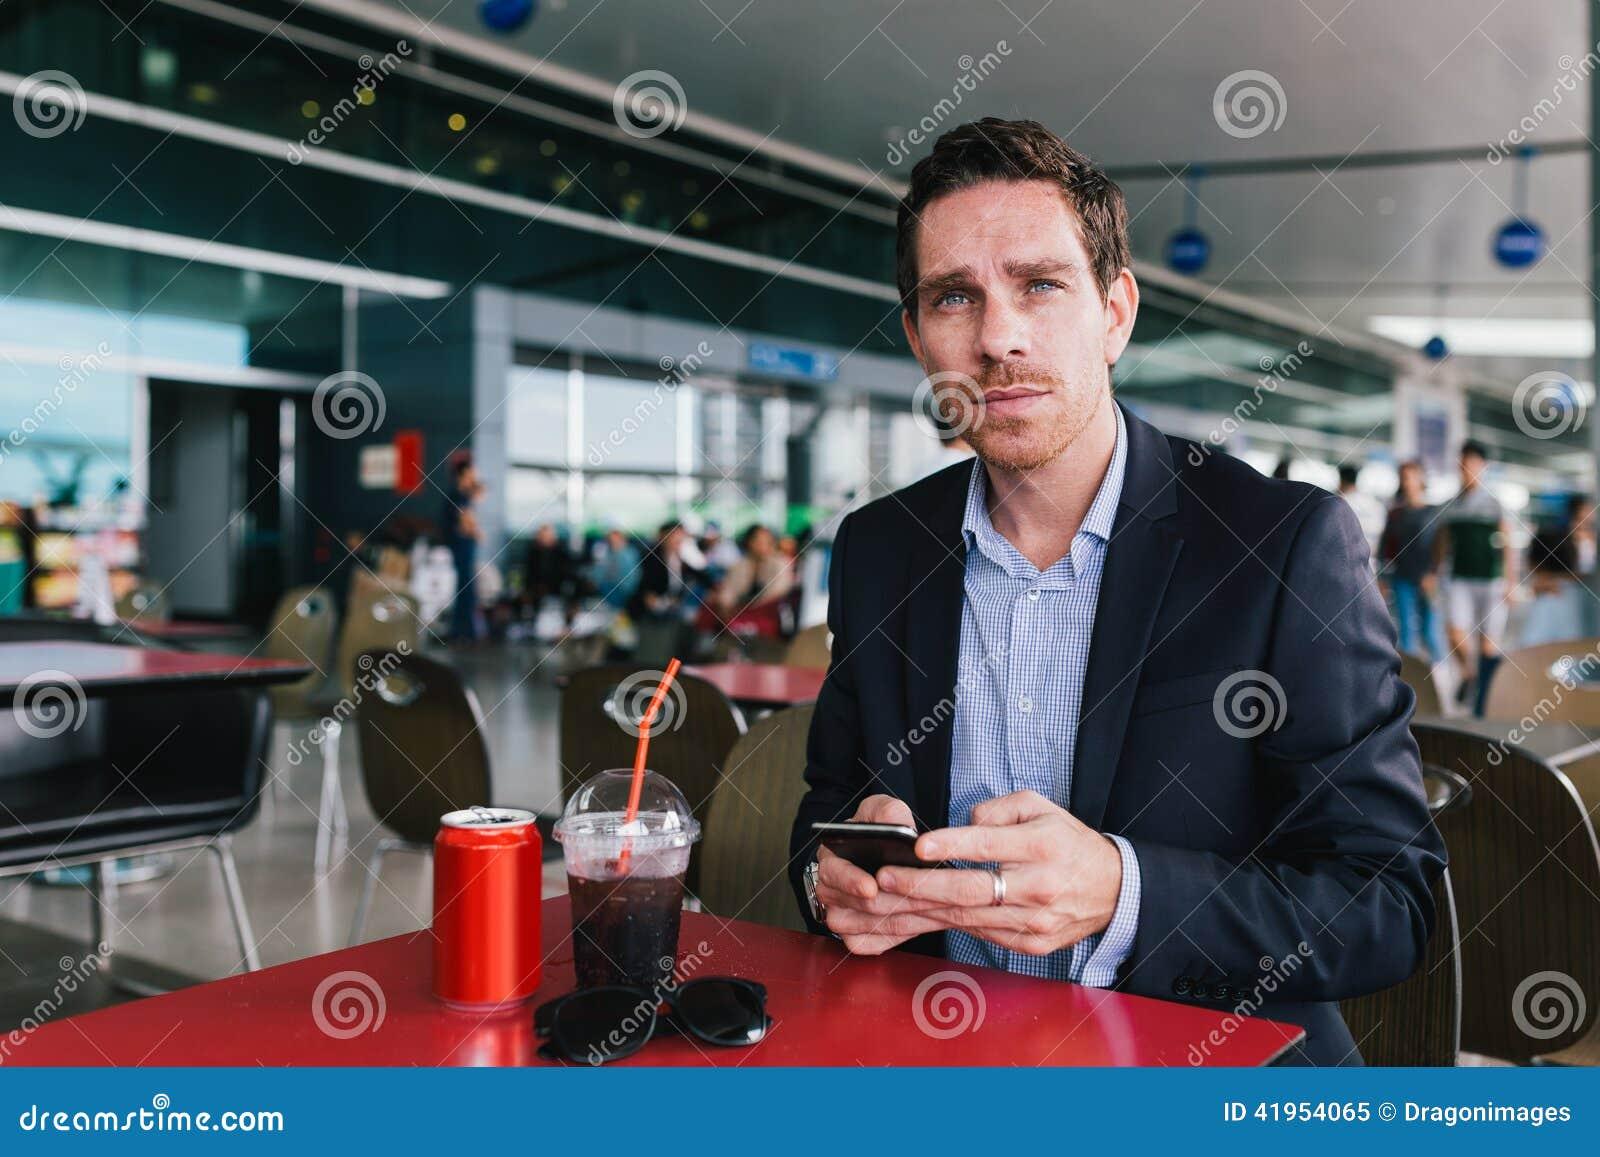 W lotniskowej kawiarni